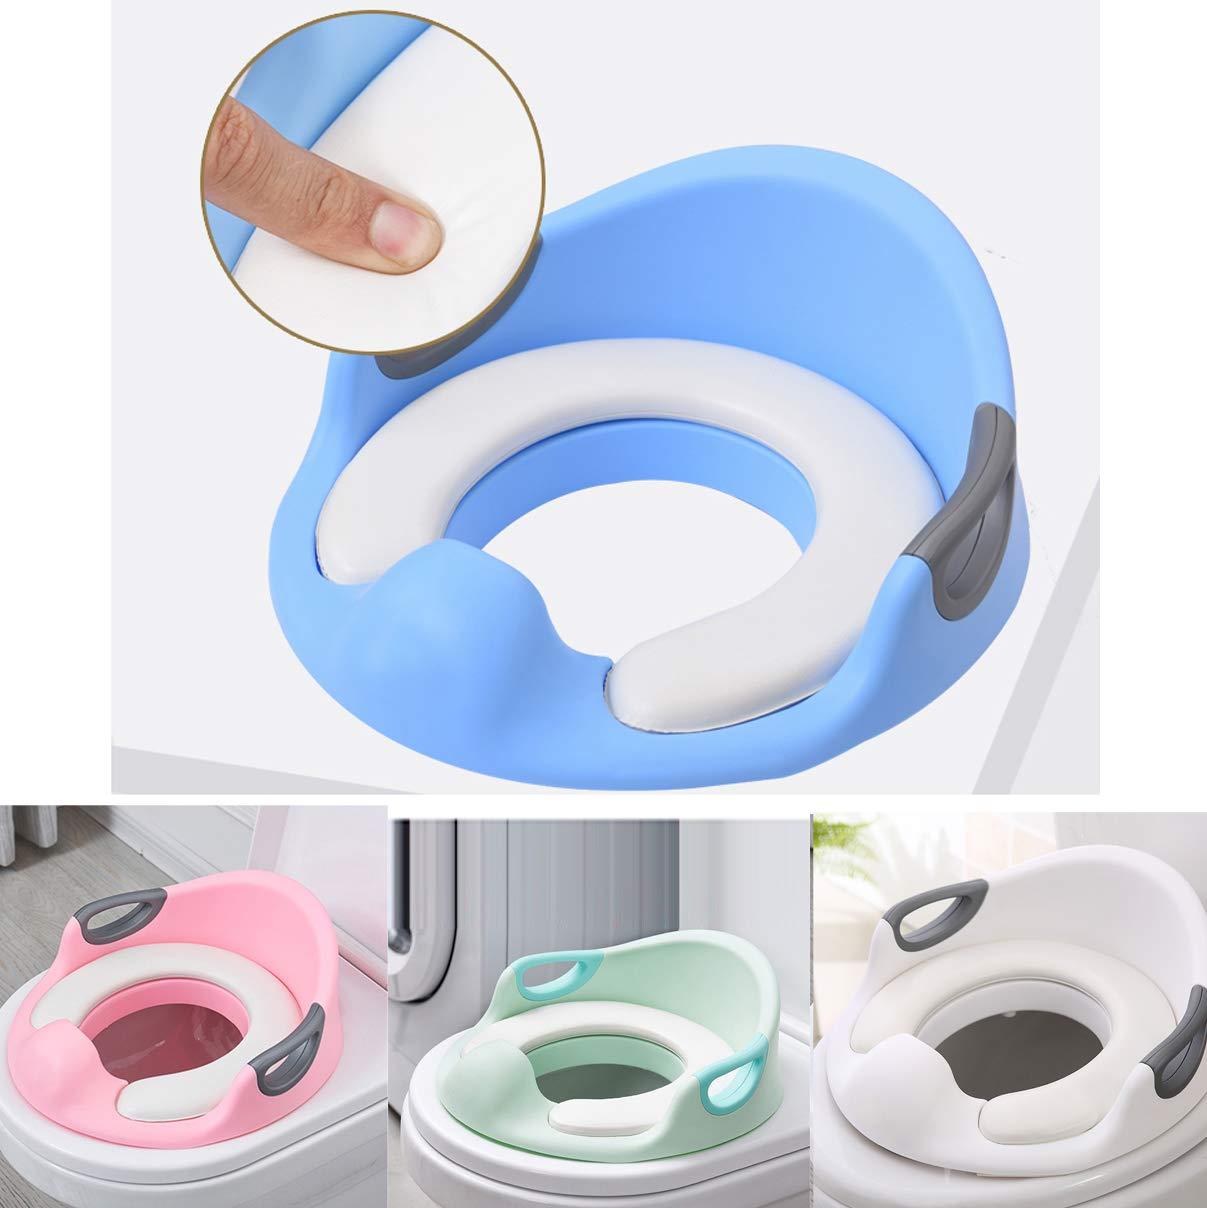 Azul Dise/ño Antideslizante Respaldo Desarrollar la Independencia de su Hijo Reductor WC con Reposabrazos Tapizado Vinteky Inodoro Infantil Asiento Deflector